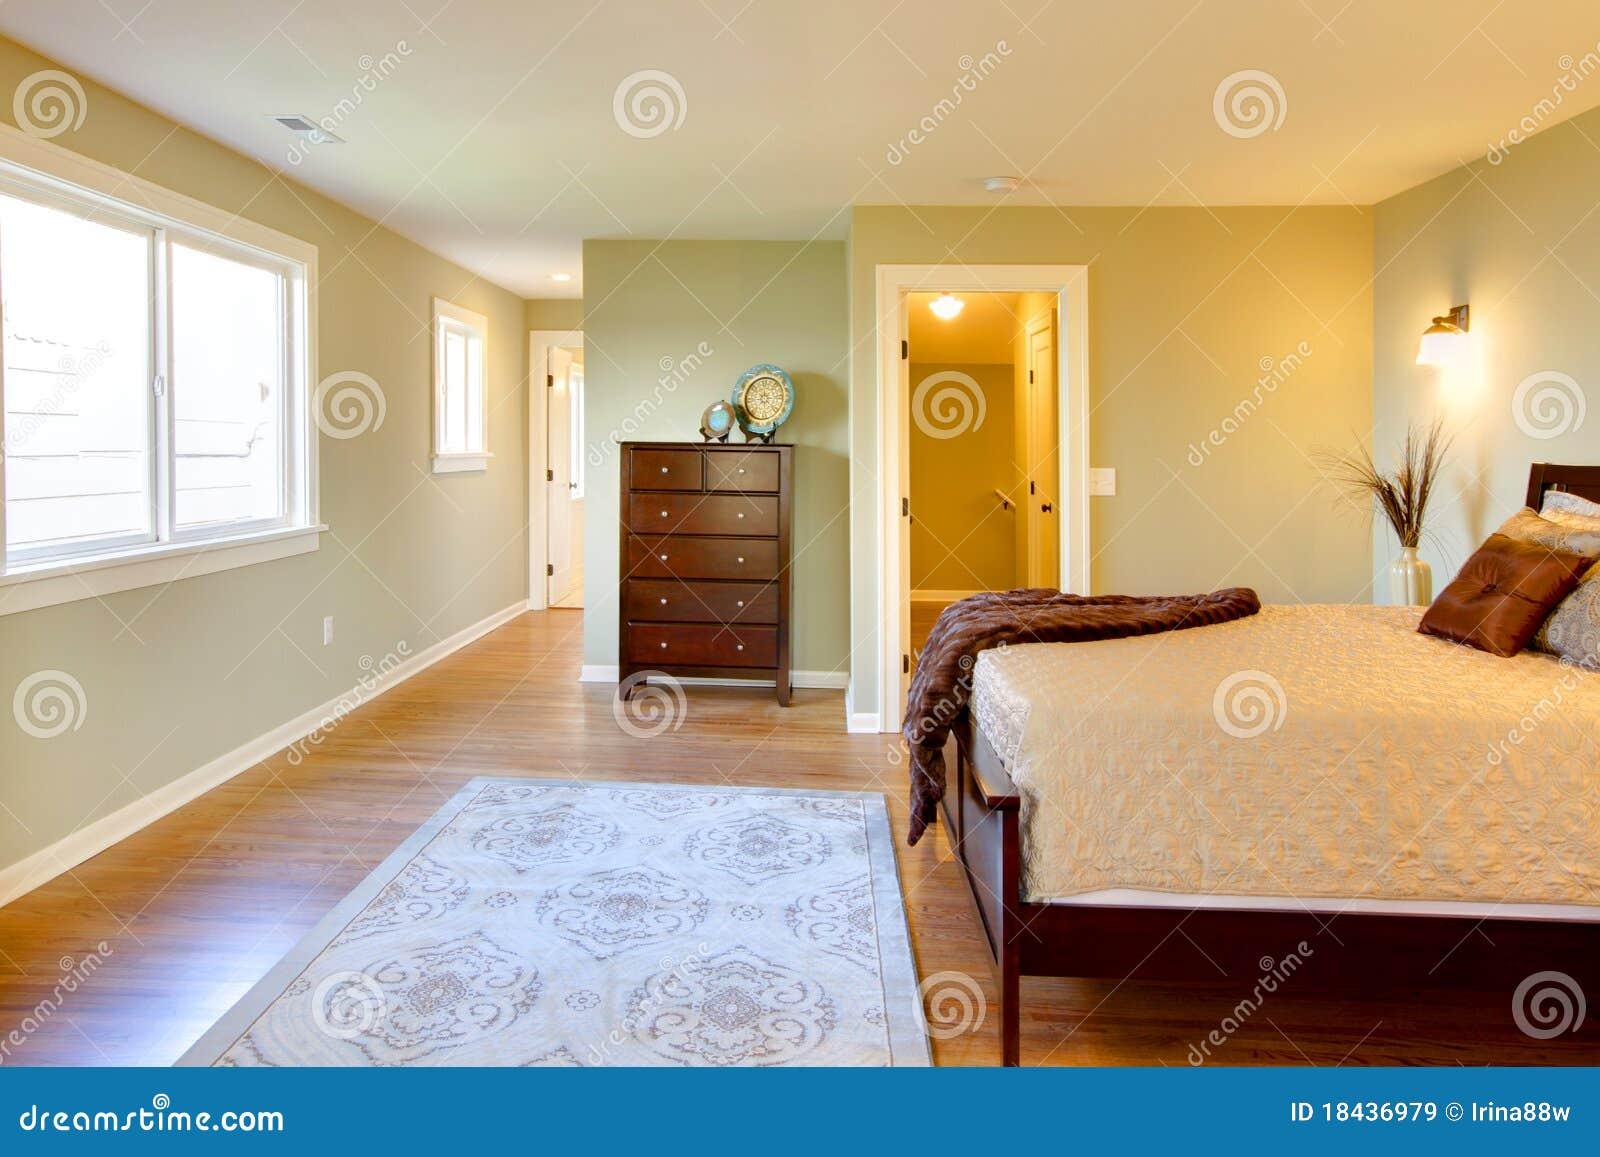 Verse Groene Slaapkamer Met Modern Bruin Bed Stock Afbeelding ...